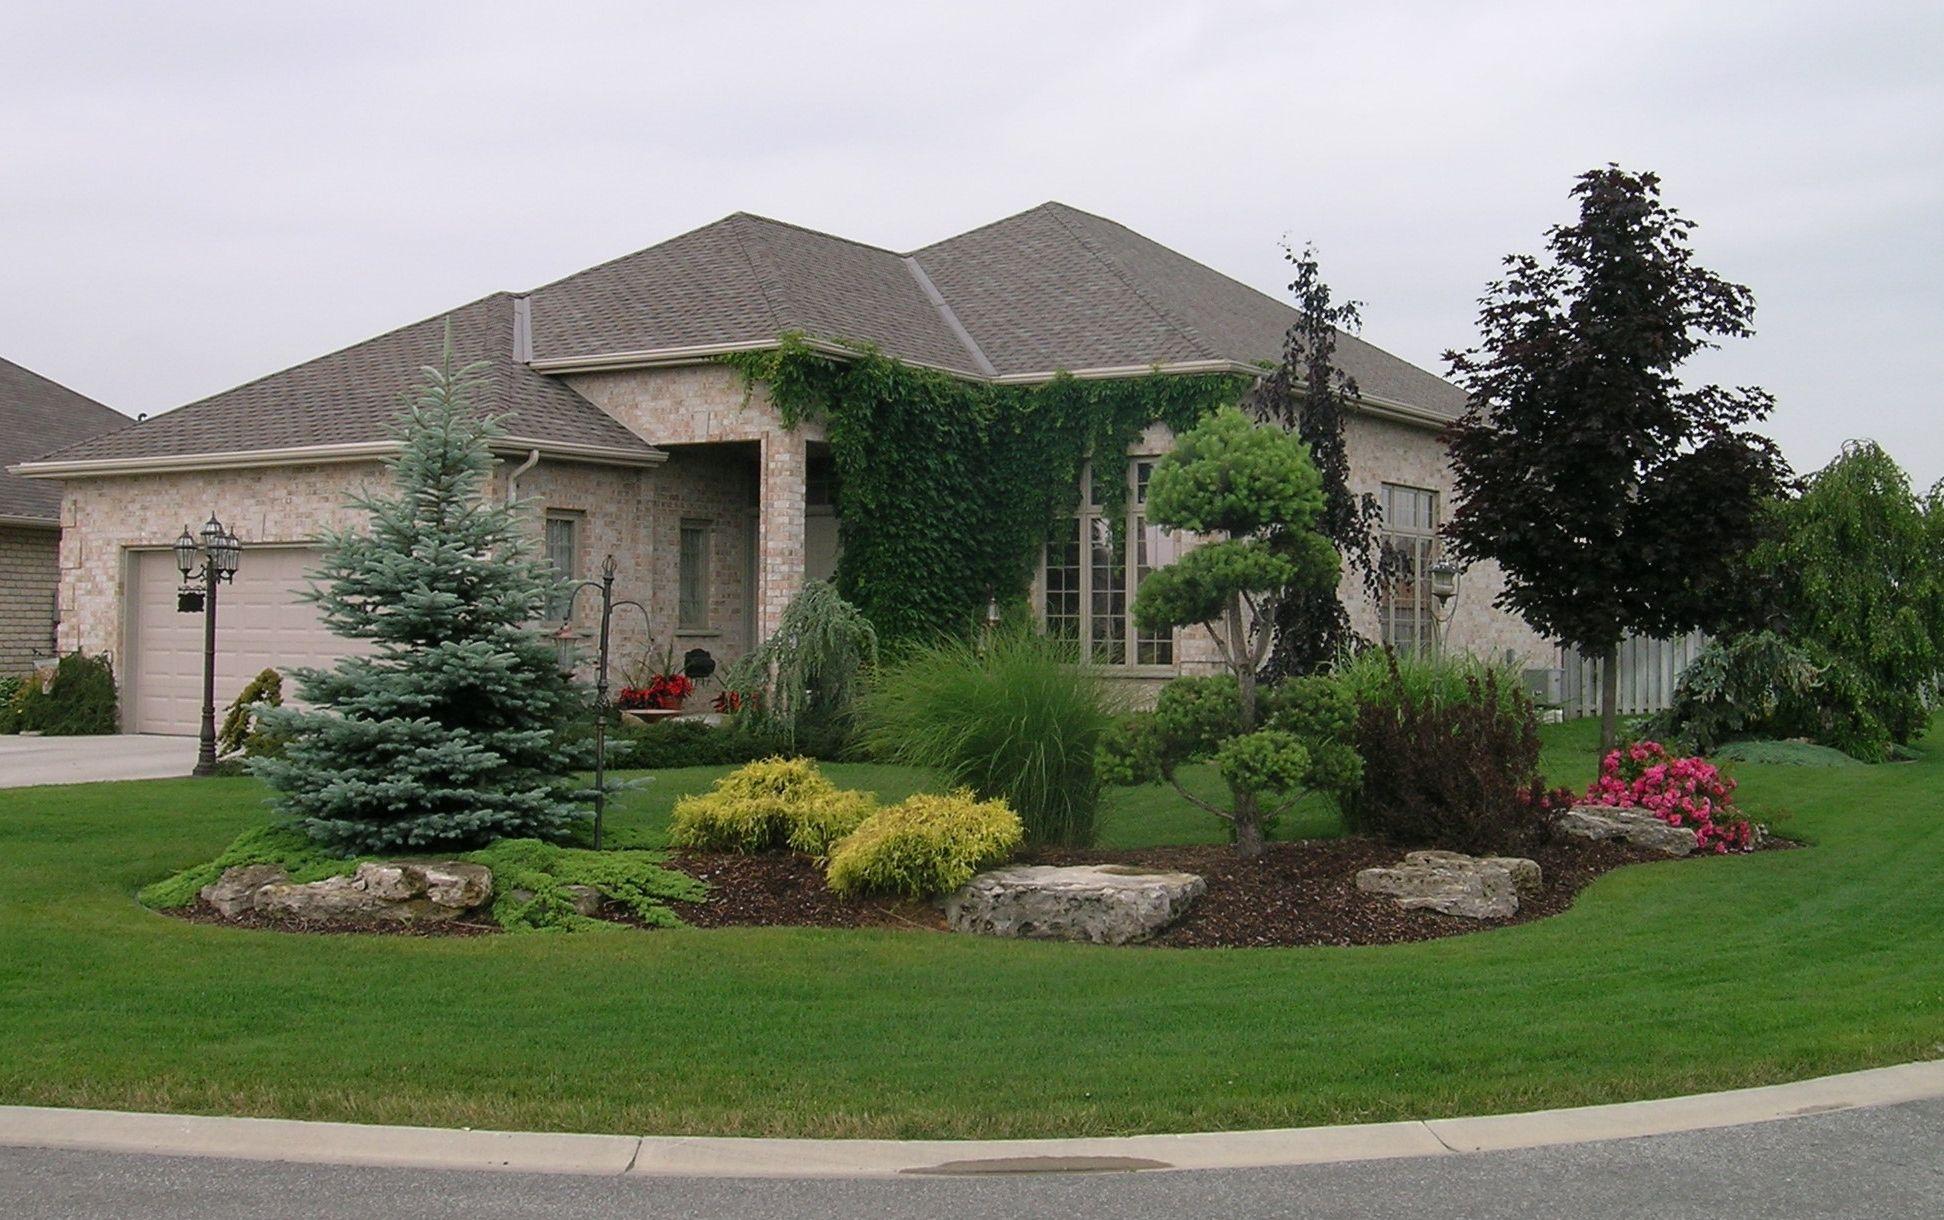 Landscape Ontario Landscape Design Front Yard Landscaping Small Front Yard Landscaping